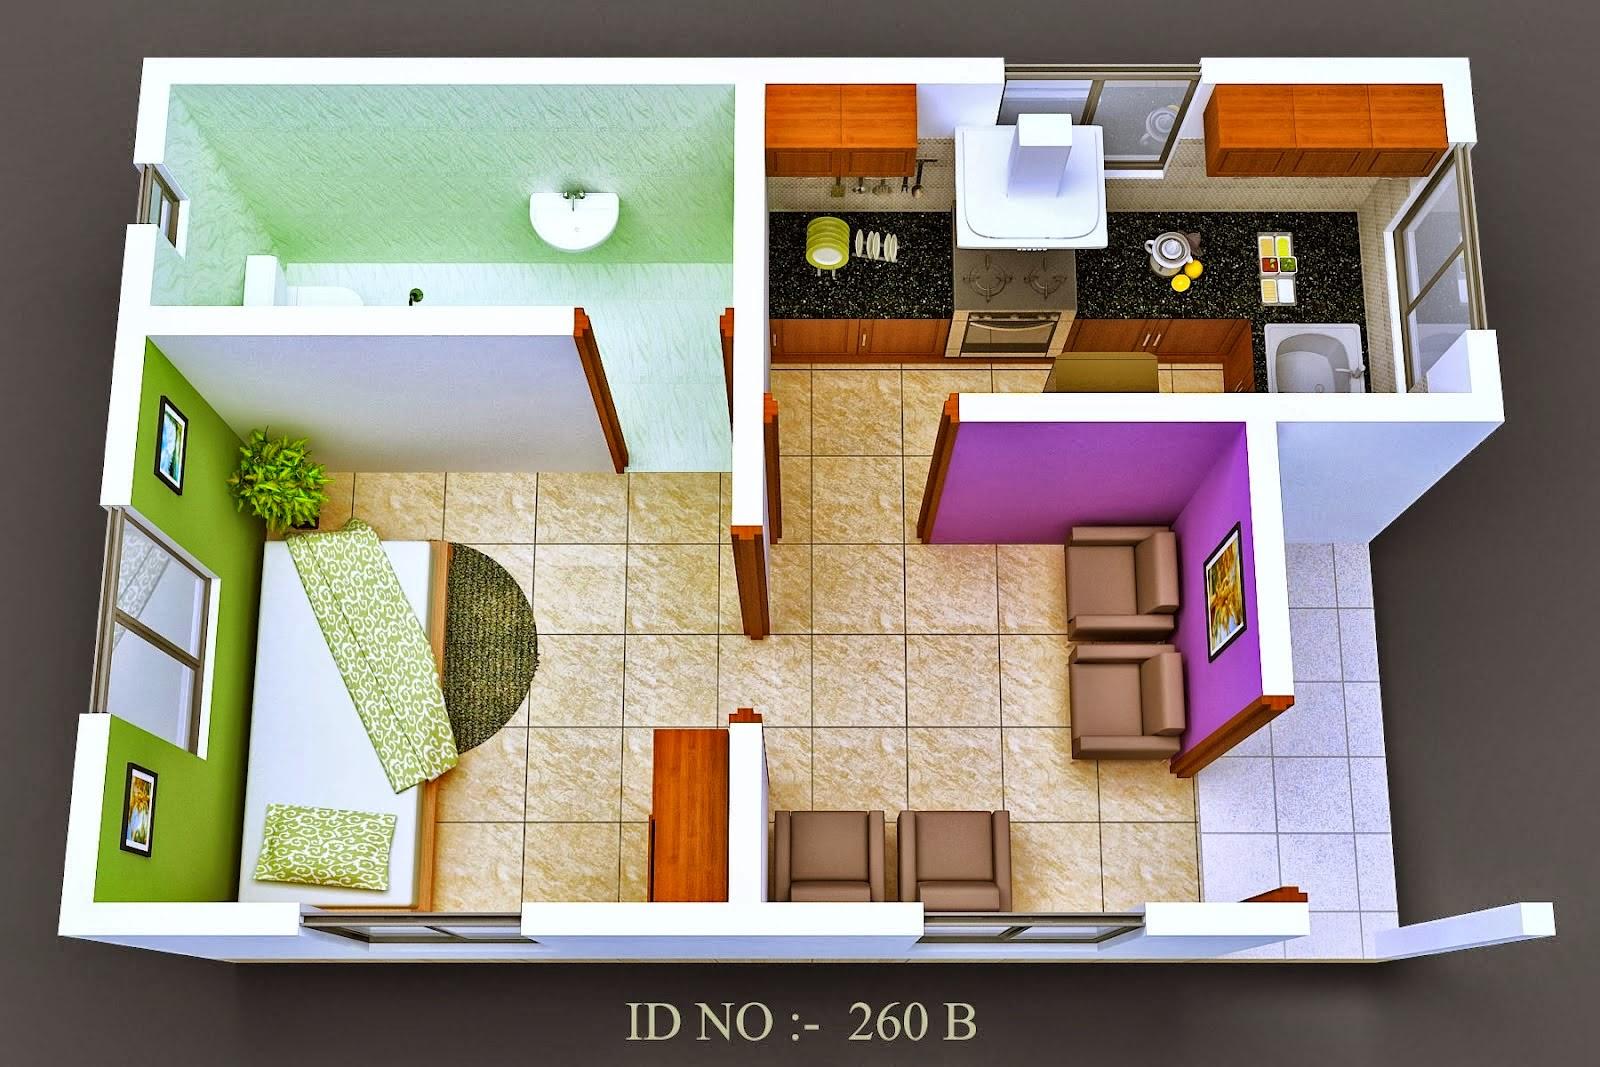 64 Desain Rumah Minimalis Modern 2 Lantai Type 36 Desain Rumah Minimalis Terbaru